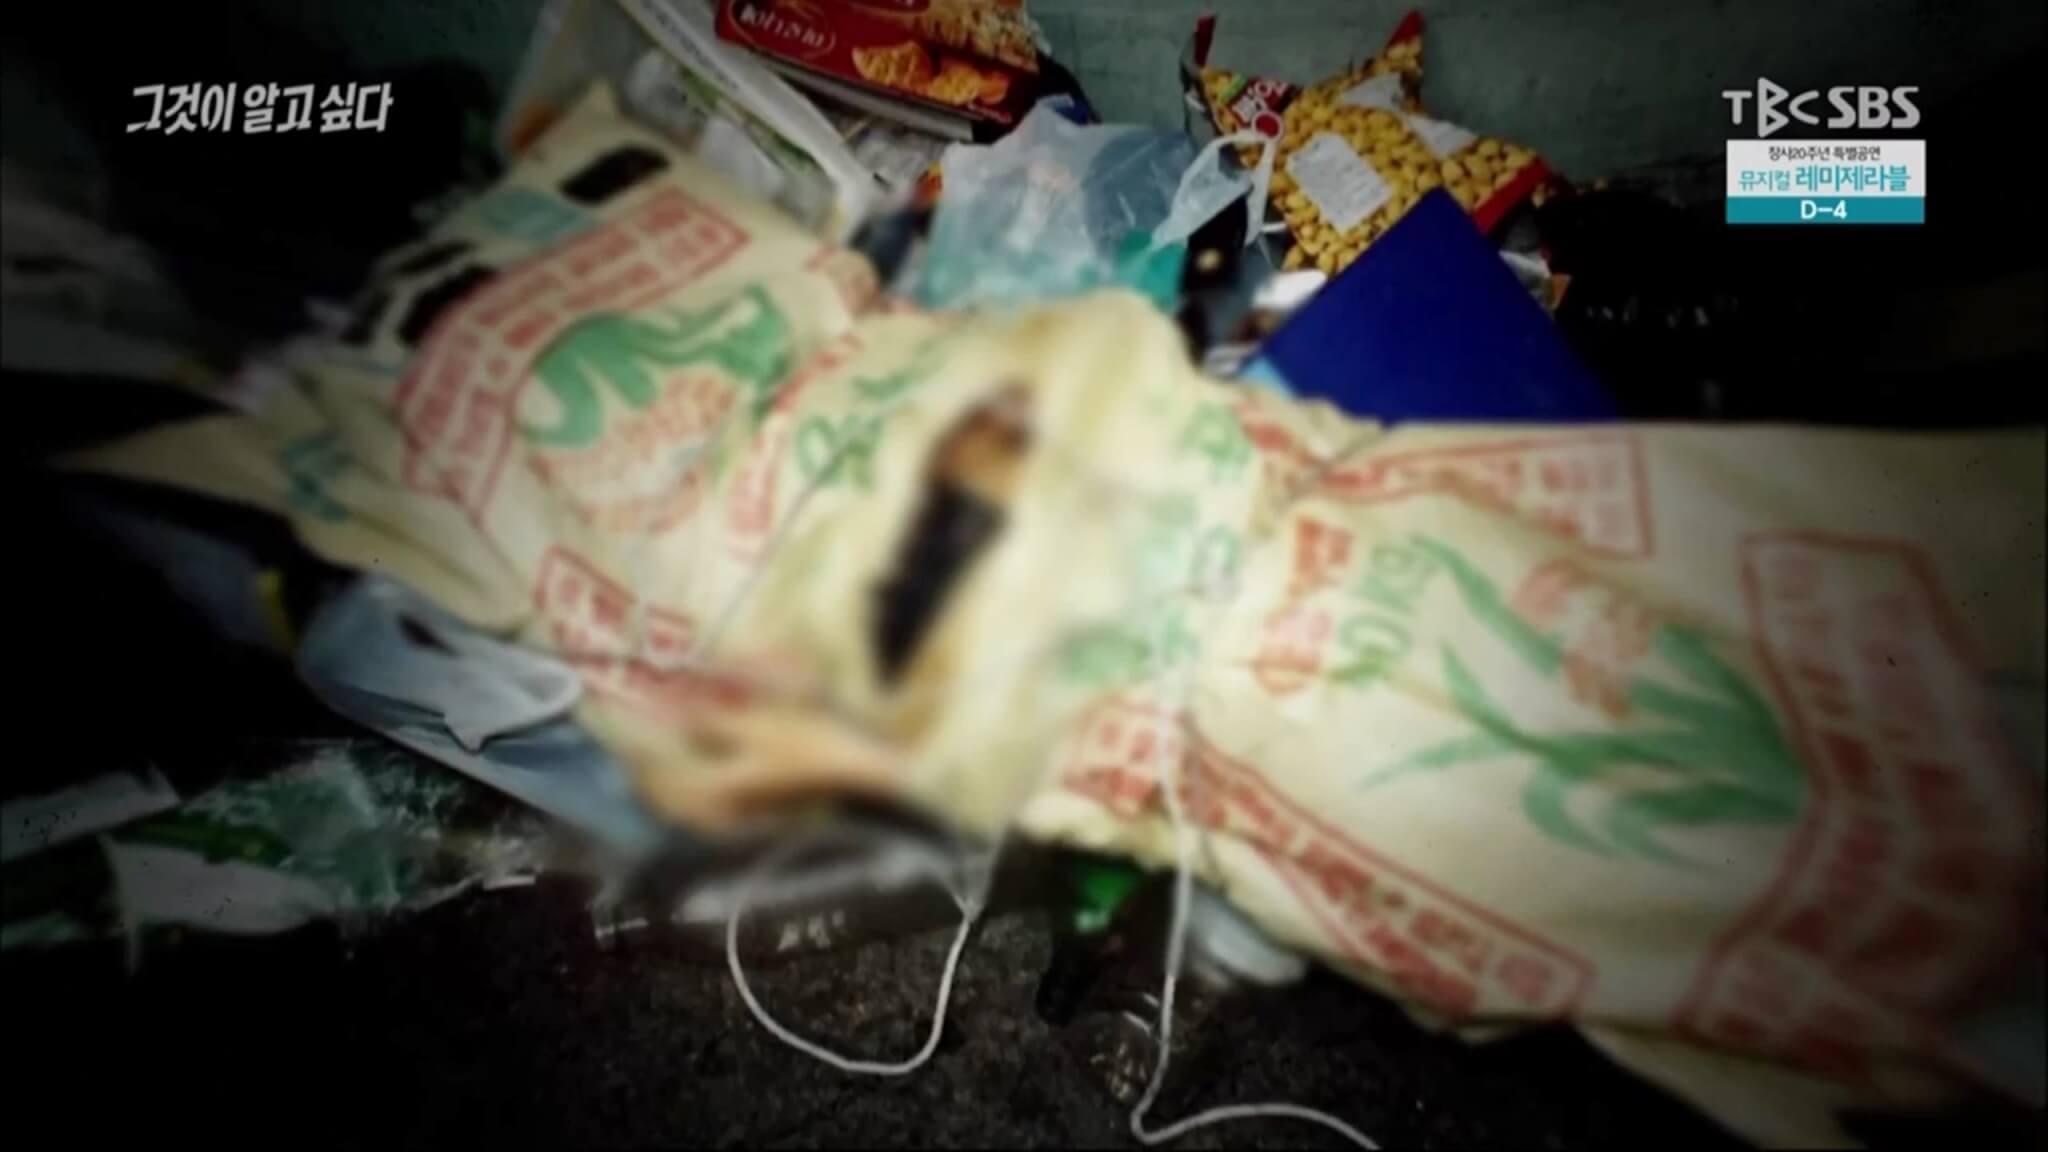 「賤兔連環殺人事件」的兩名受害者,都被隨意地當成垃圾遺棄。